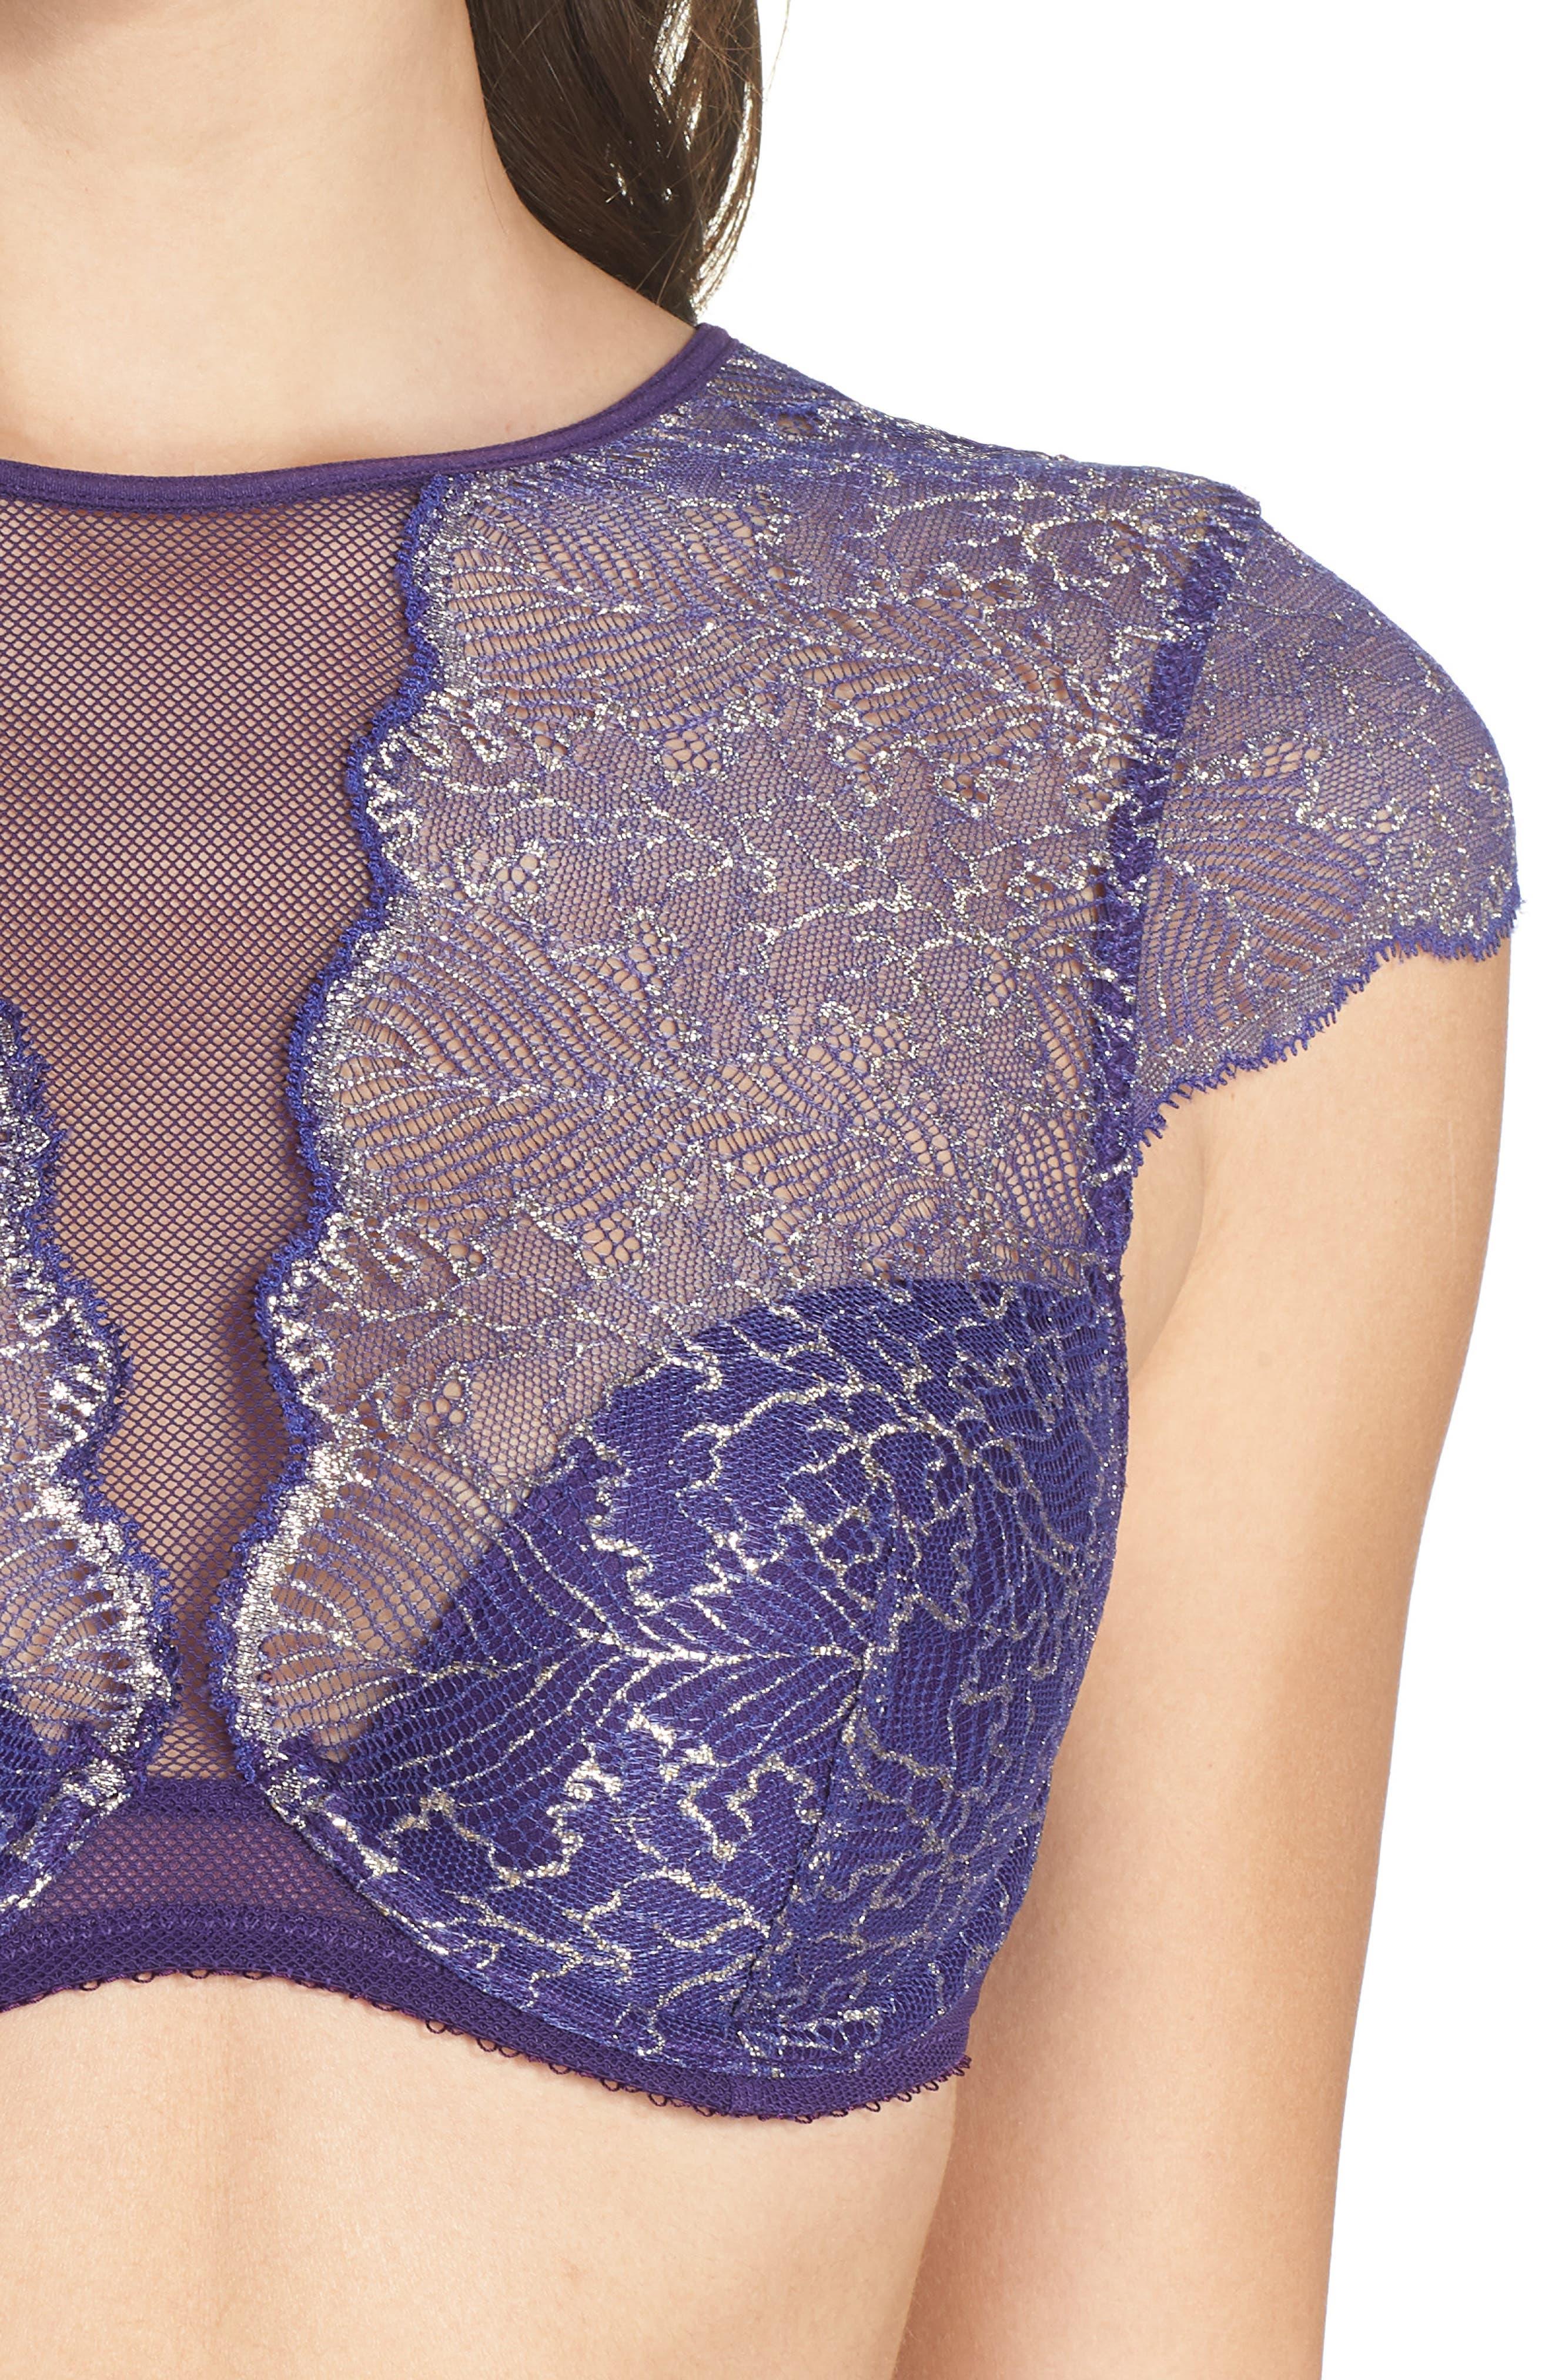 Lace Bralette,                             Alternate thumbnail 4, color,                             PARACHUTE PURPLE LUREX